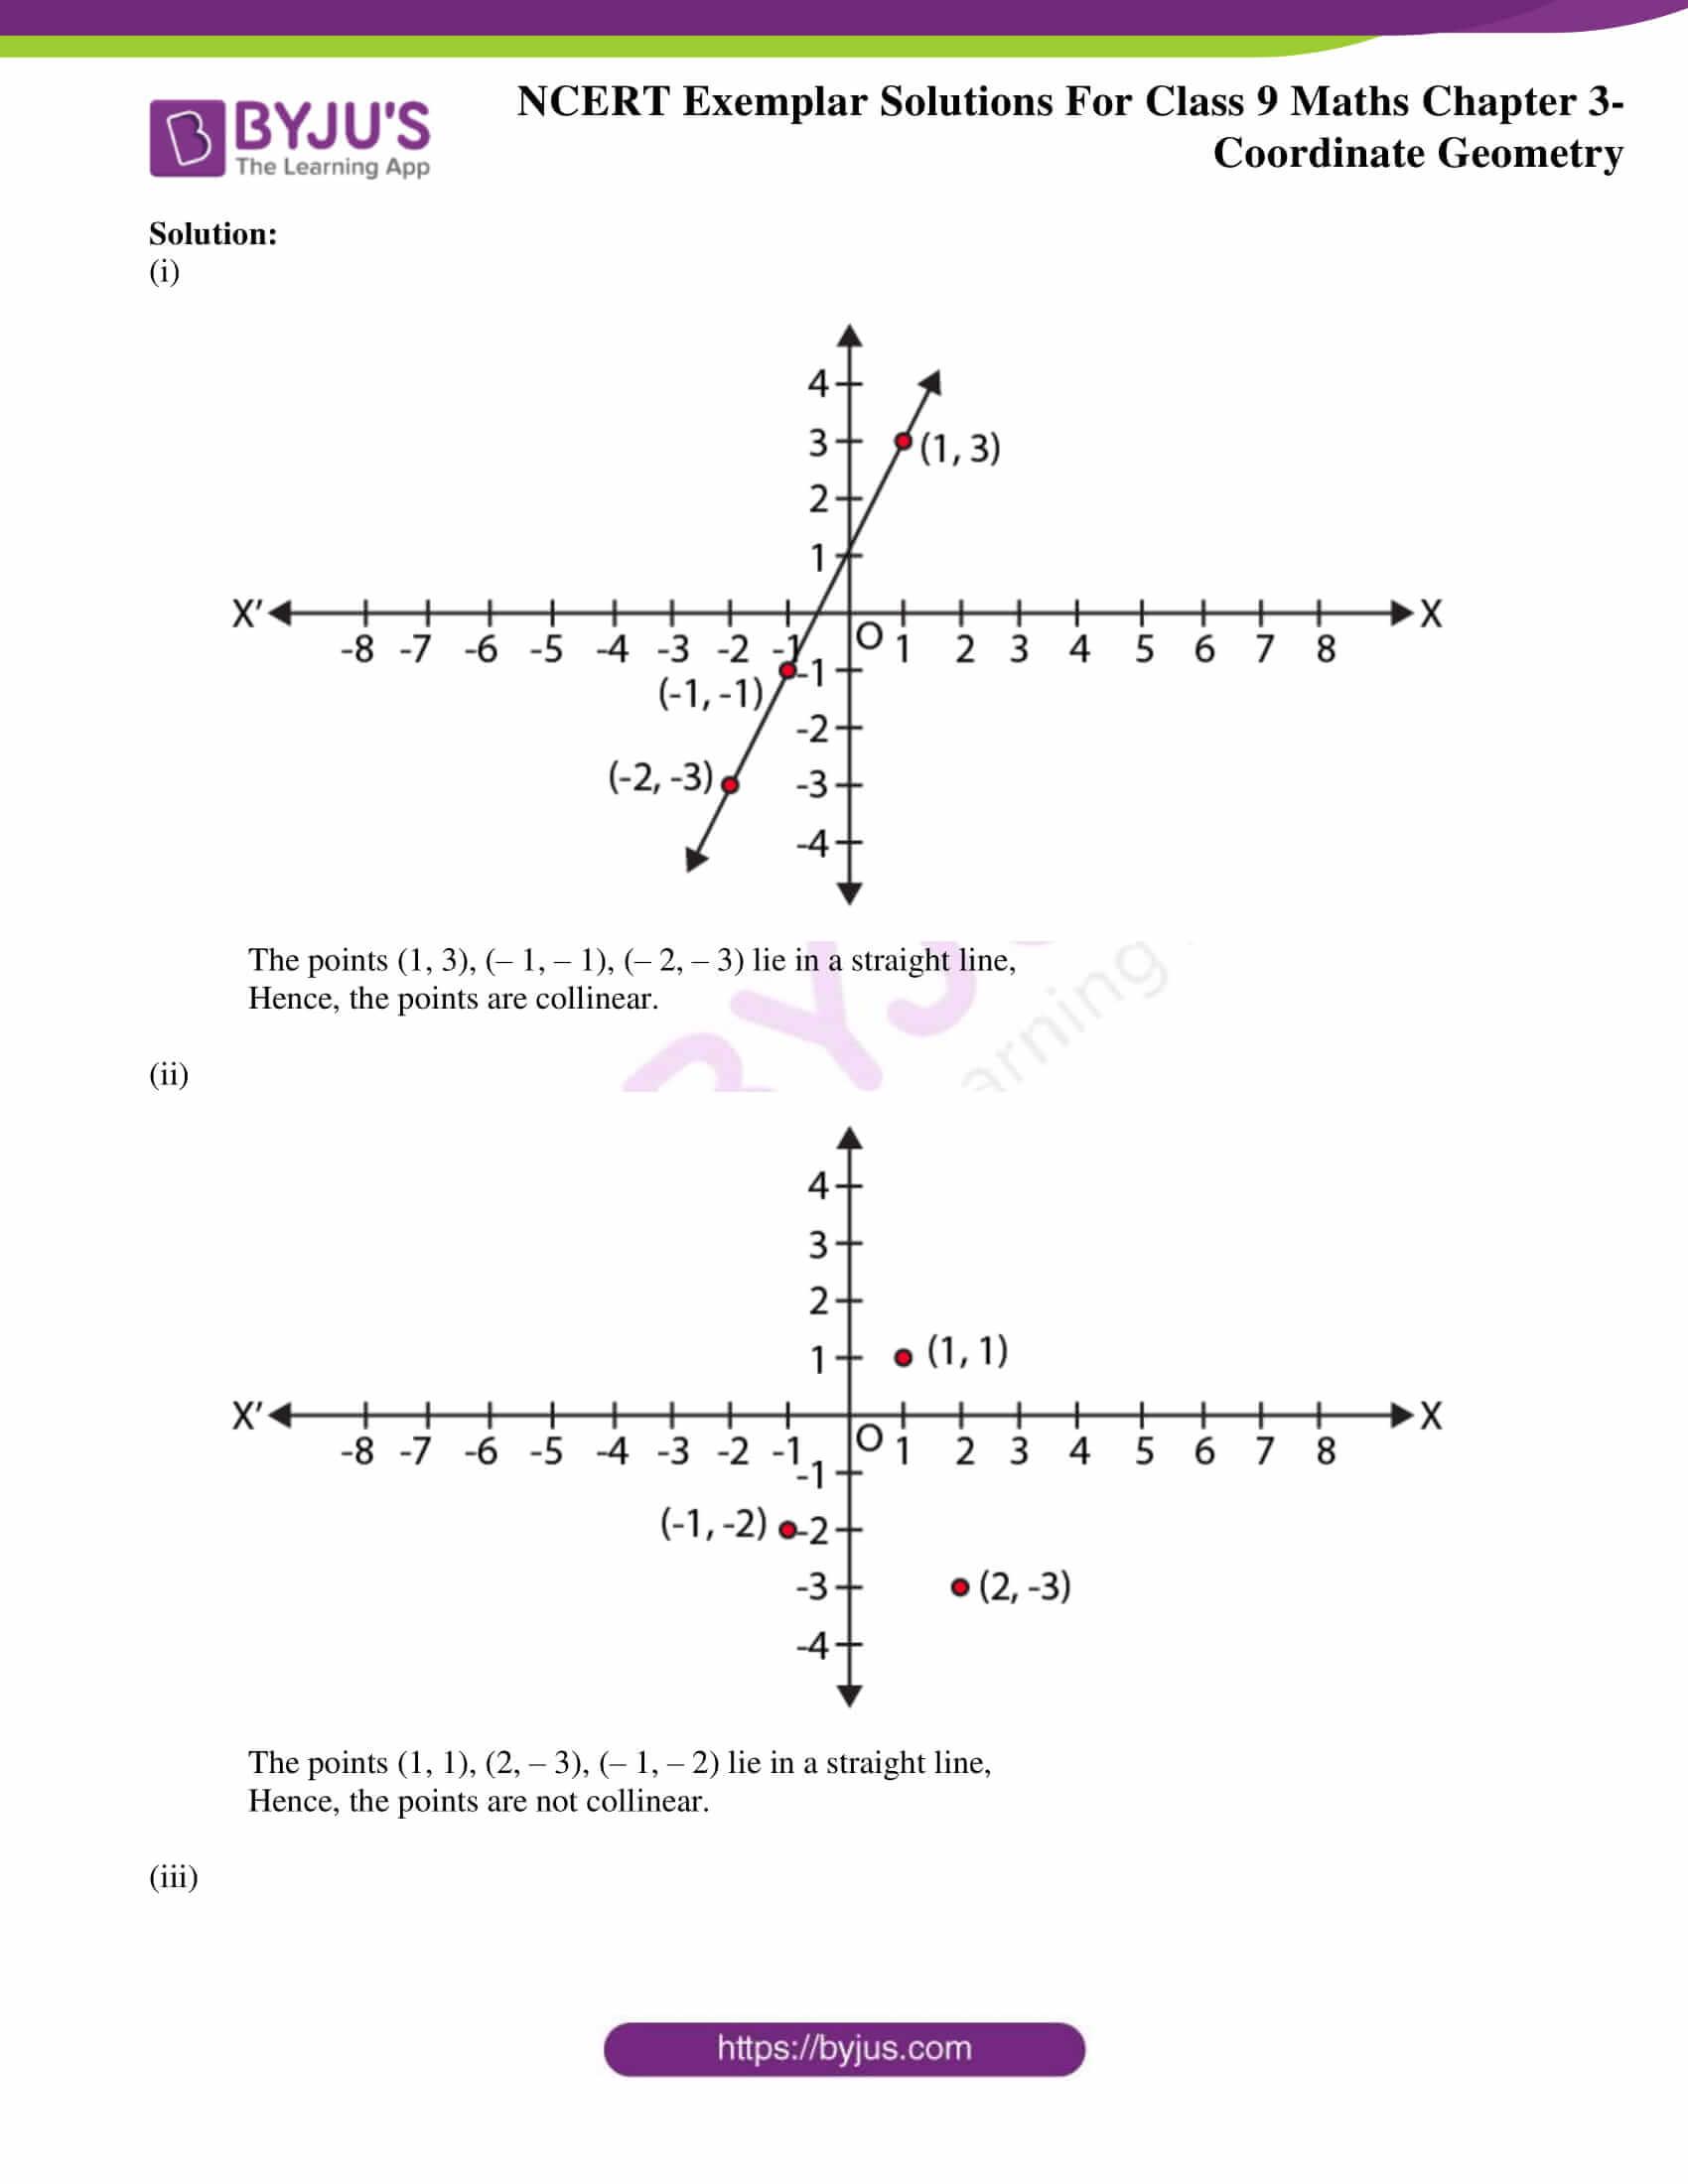 NCERT Exemplar Solutions for Class 9 Maths Chapter 3 08